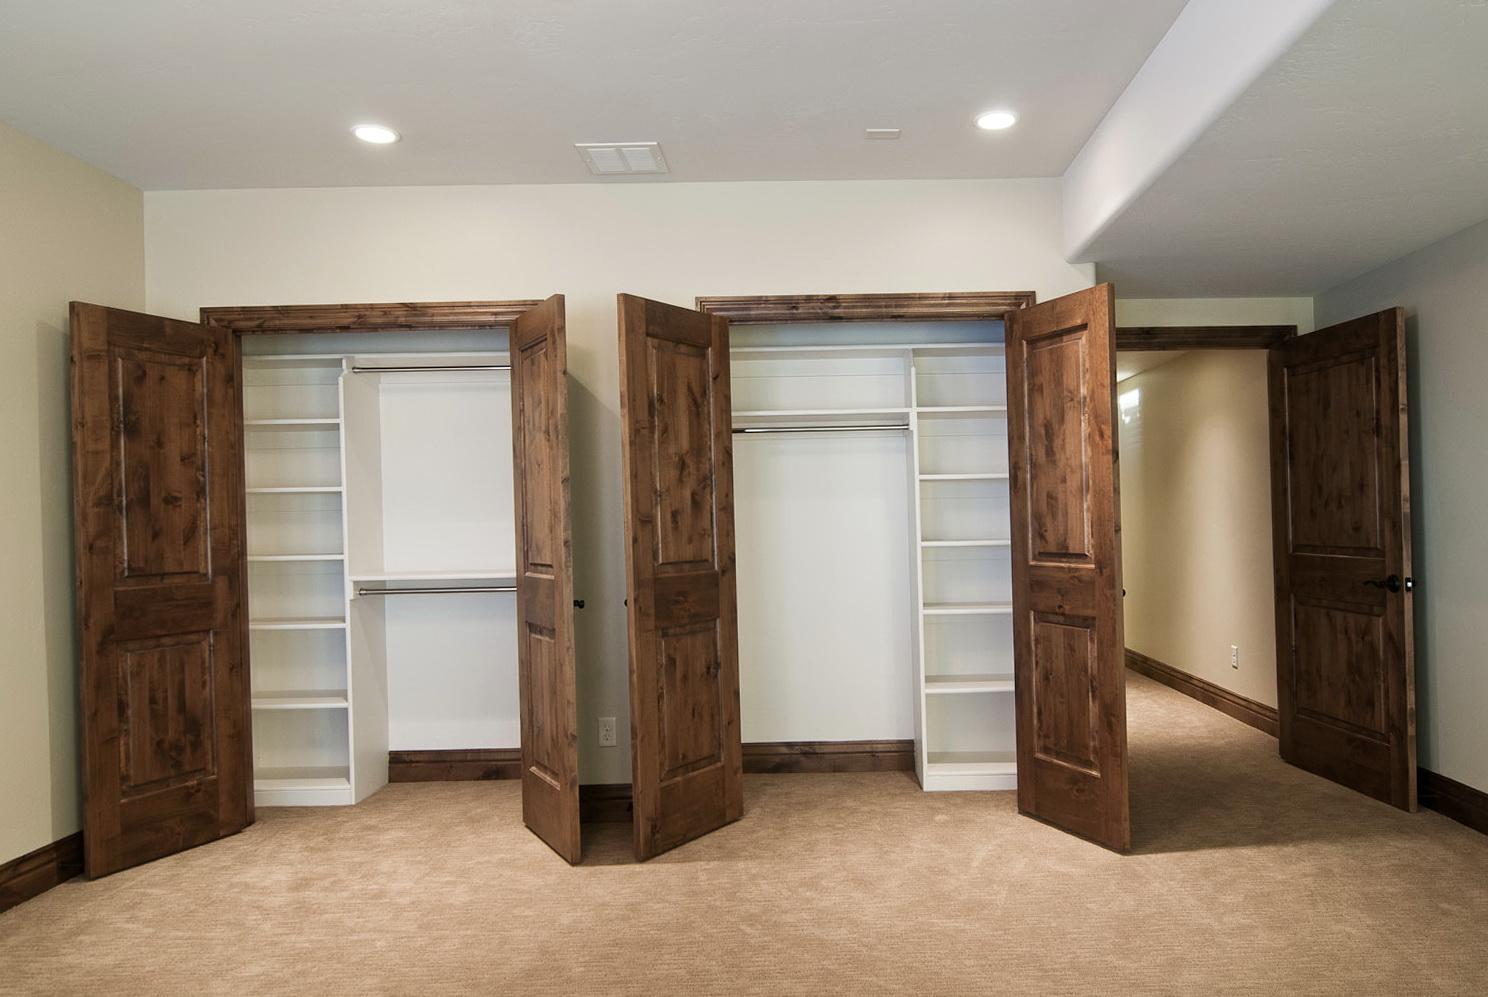 diy built in closet shelves home design ideas. Black Bedroom Furniture Sets. Home Design Ideas